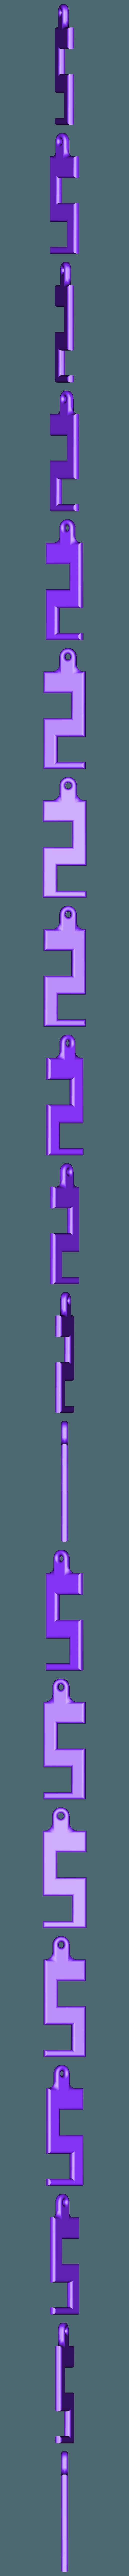 Tuteur porte_cle 1.stl Télécharger fichier STL gratuit Tuteur portable • Modèle imprimable en 3D, leodomi